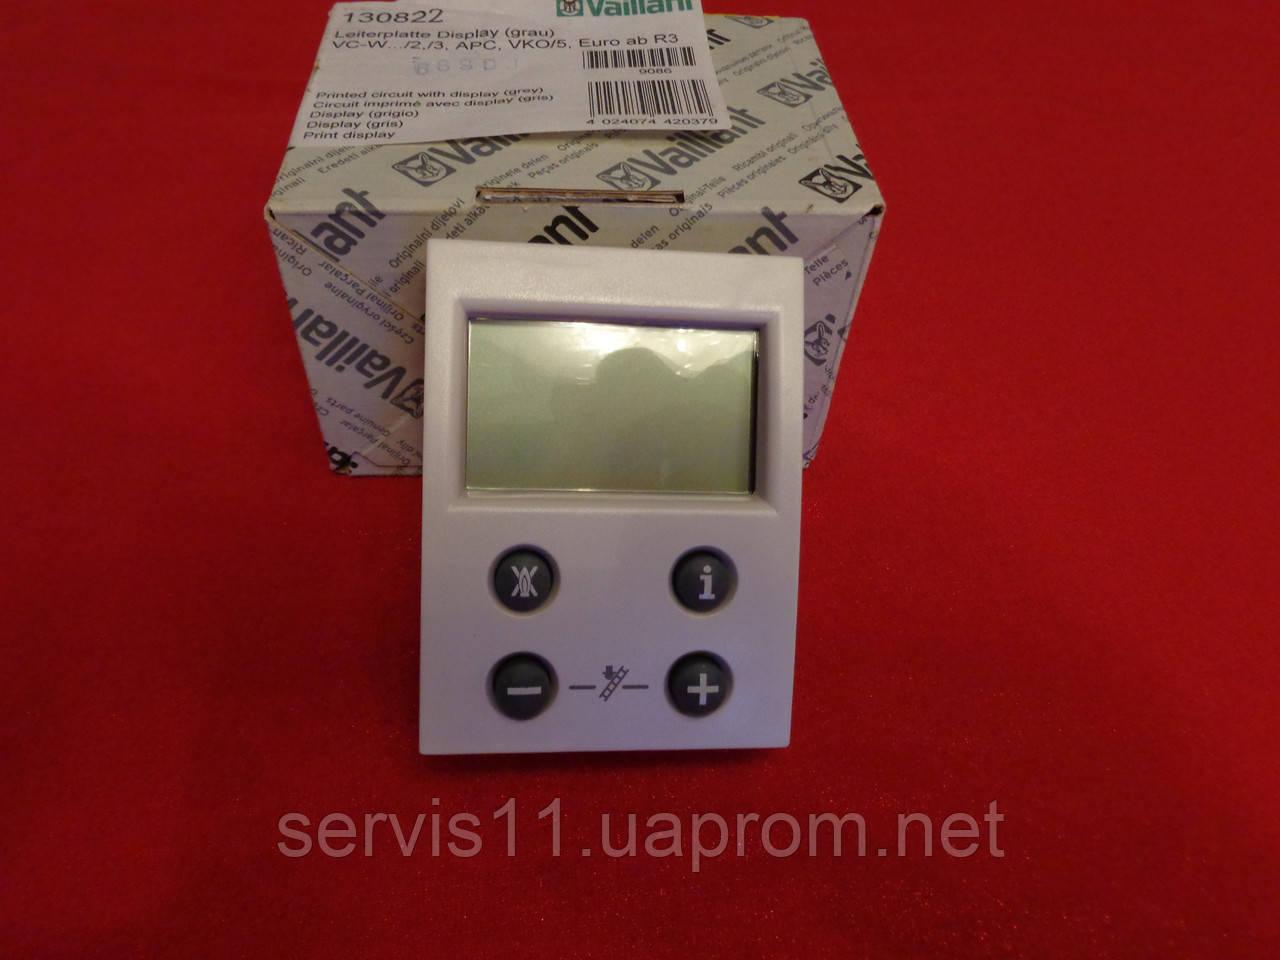 Дисплей Vaillant Atmoblock   Atmotop  Thermotop   Atmo Tec   Turbo Tec   Euro Premium